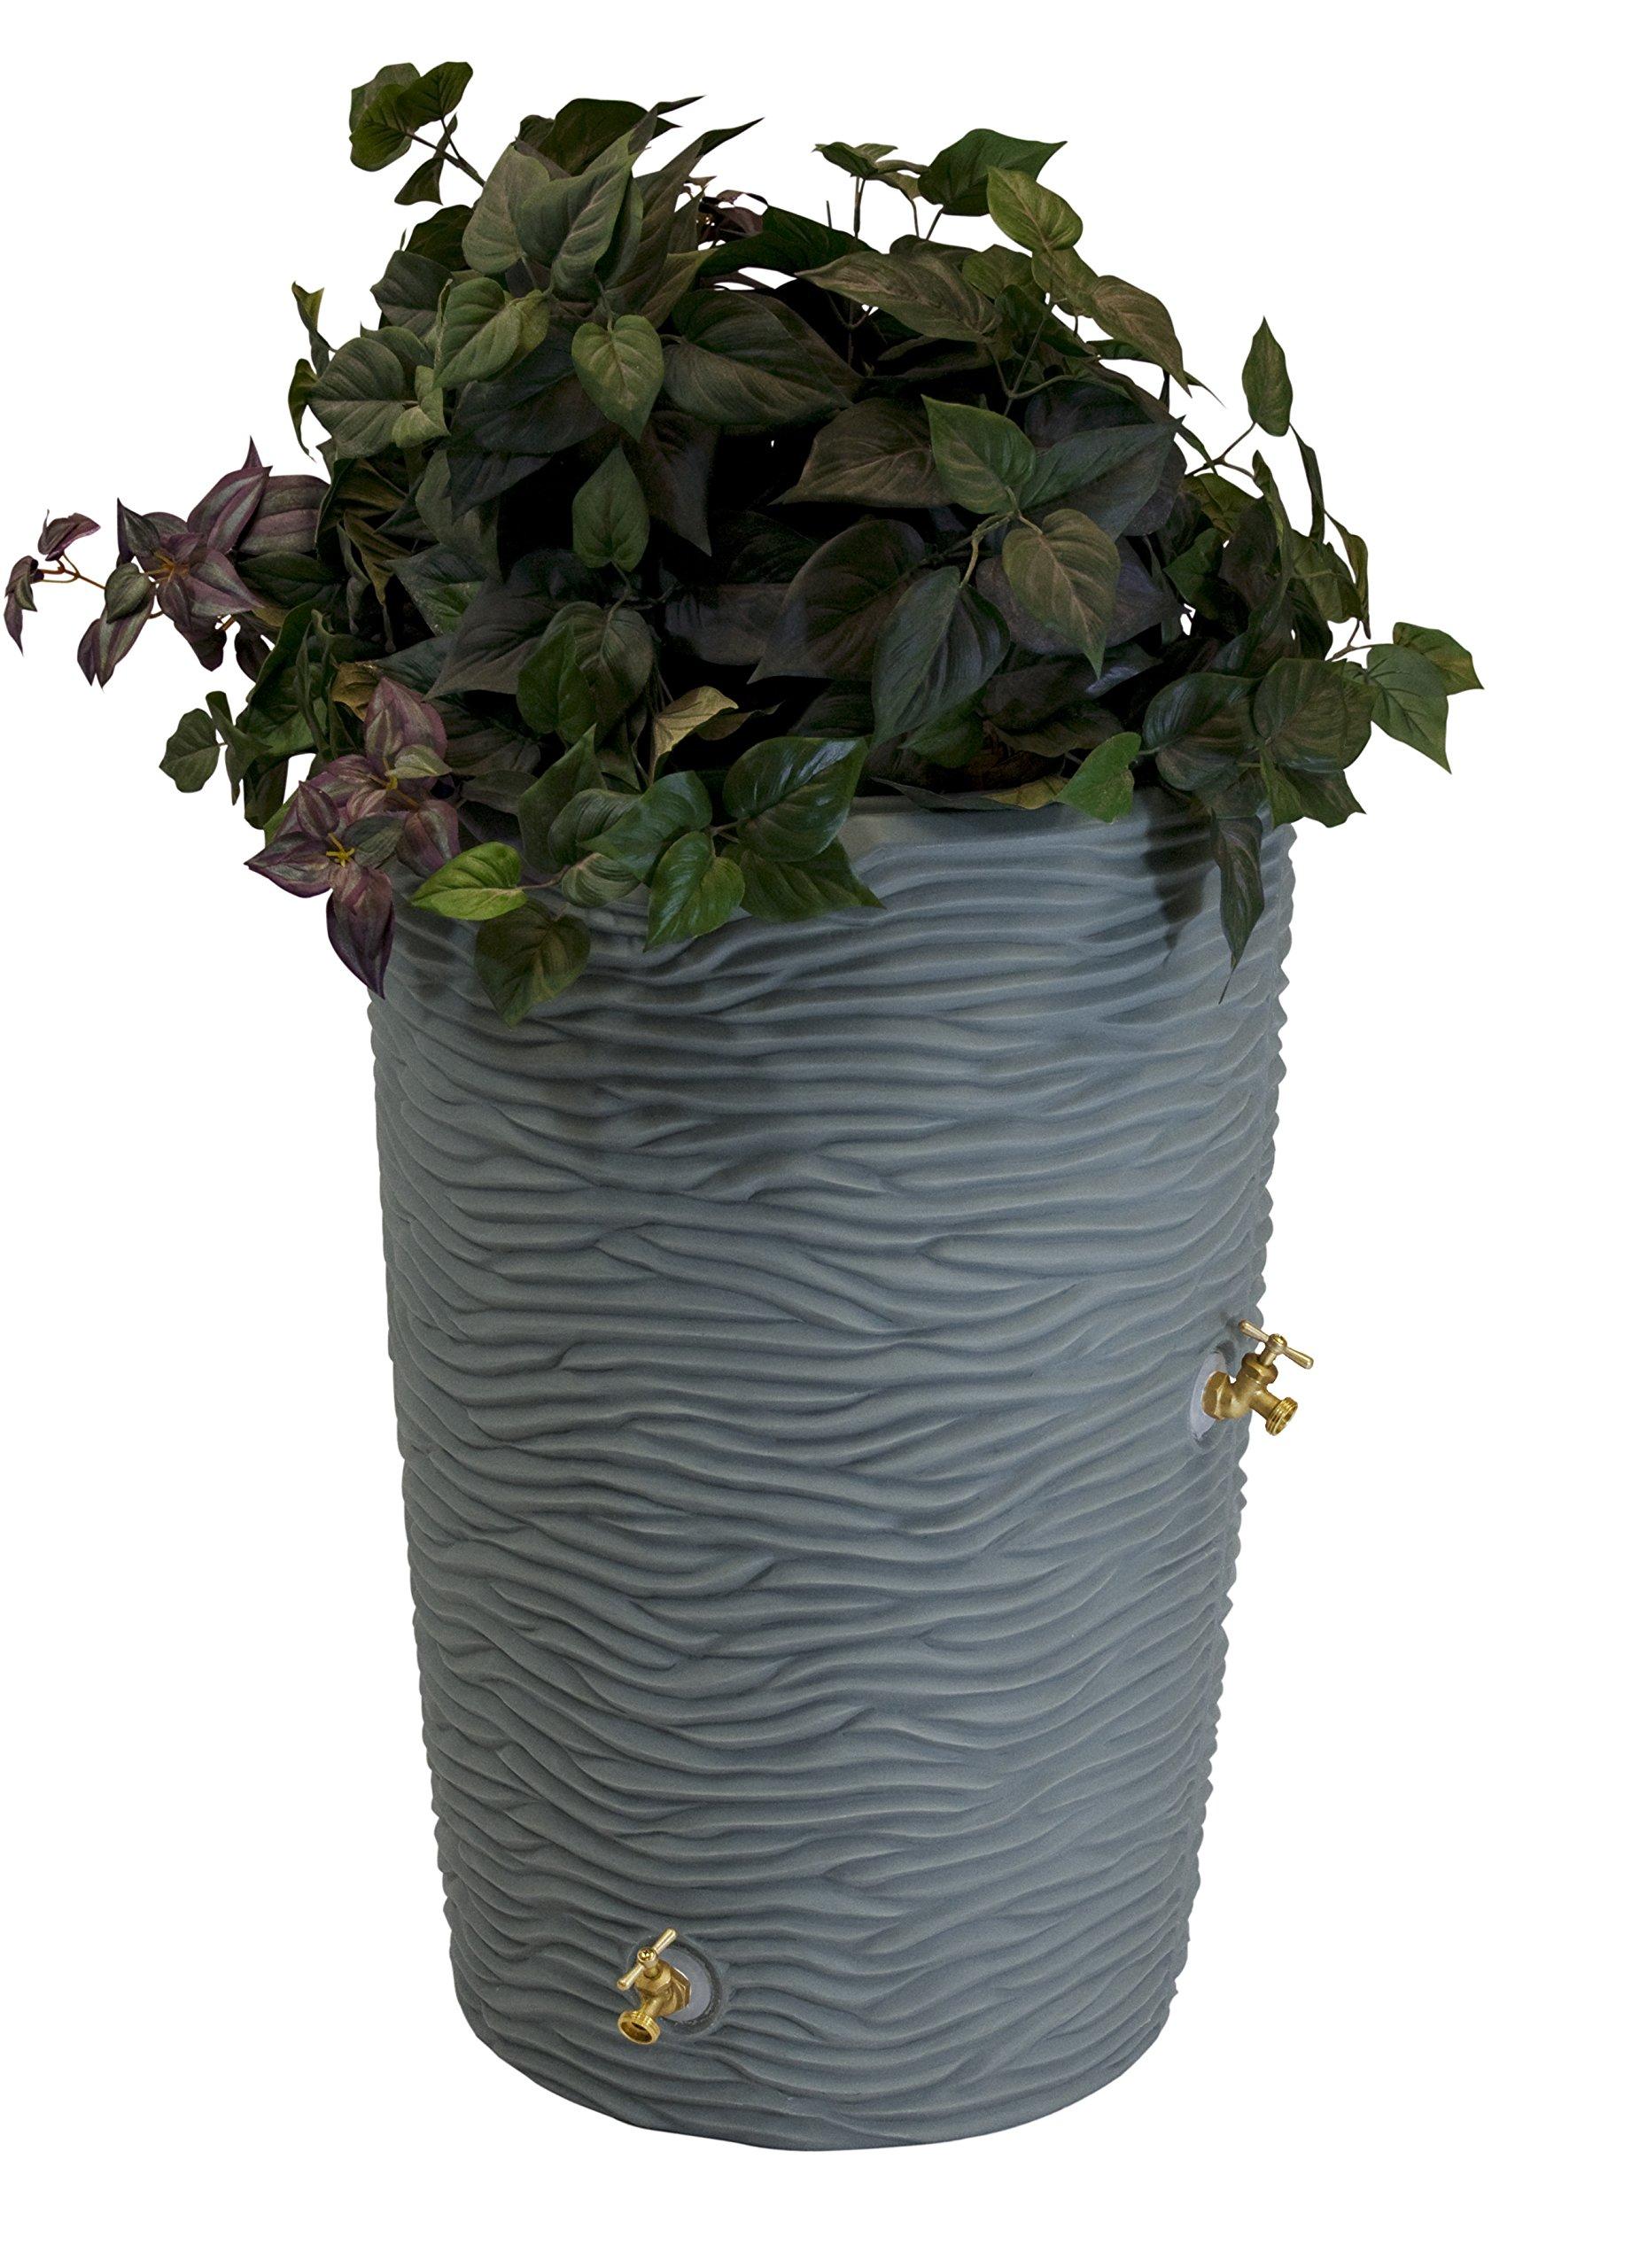 Good Ideas Imp-L50-GRY Impressions Palm Rain Barrel, 50 Gallon Palm, Grey by Good Ideas